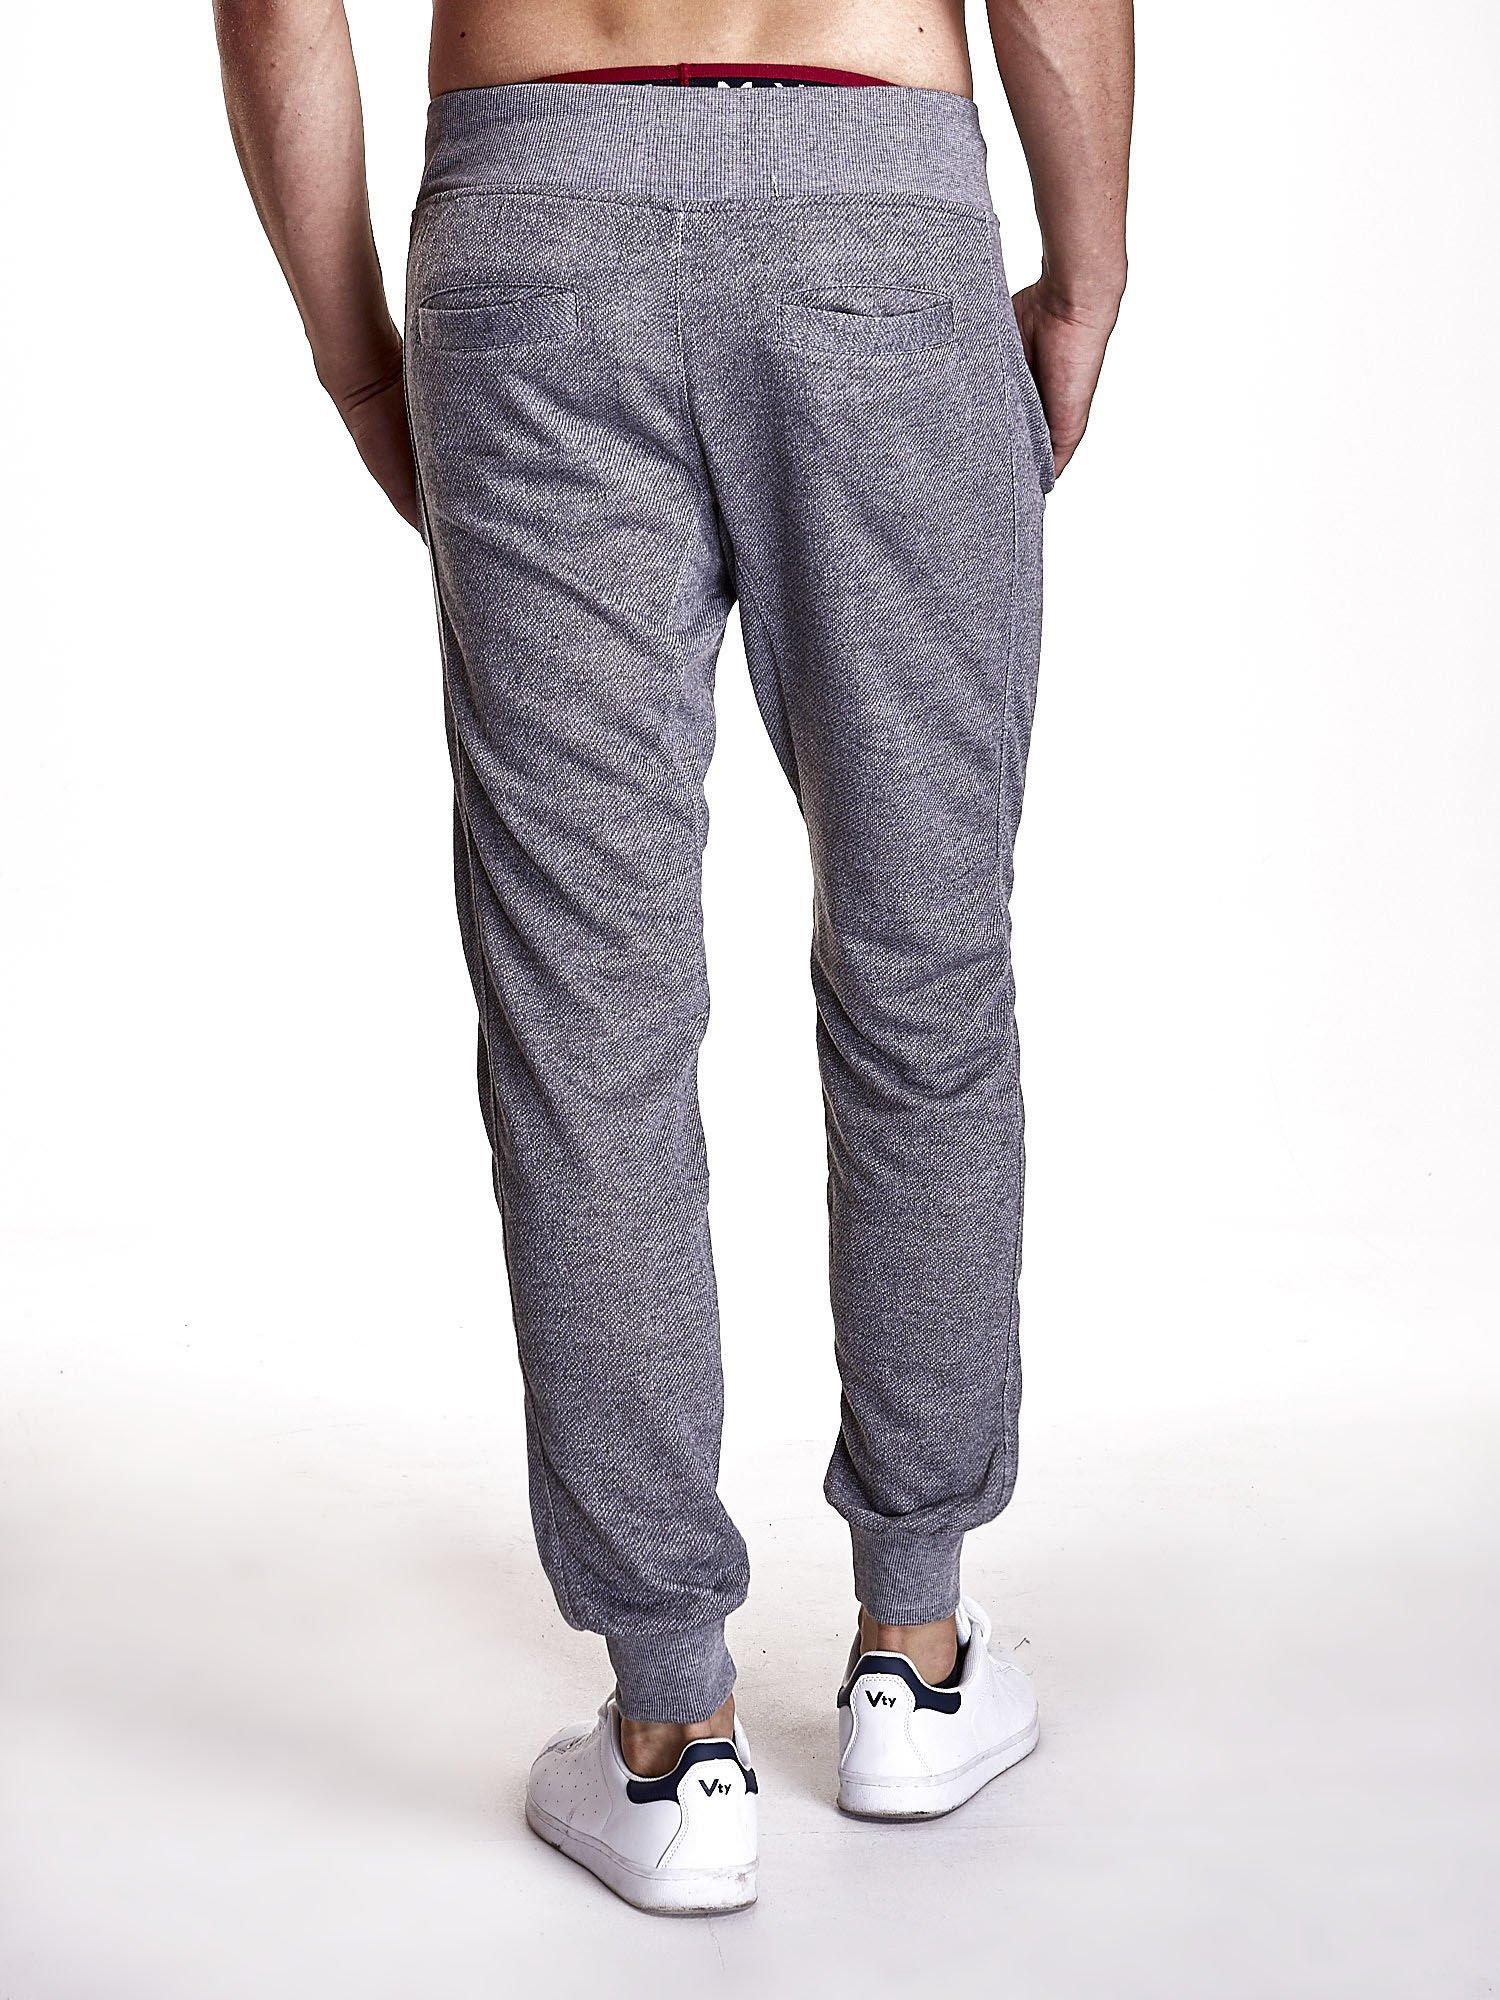 Ciemnoszare melanżowe spodnie męskie z trokami i kieszeniami                                  zdj.                                  2